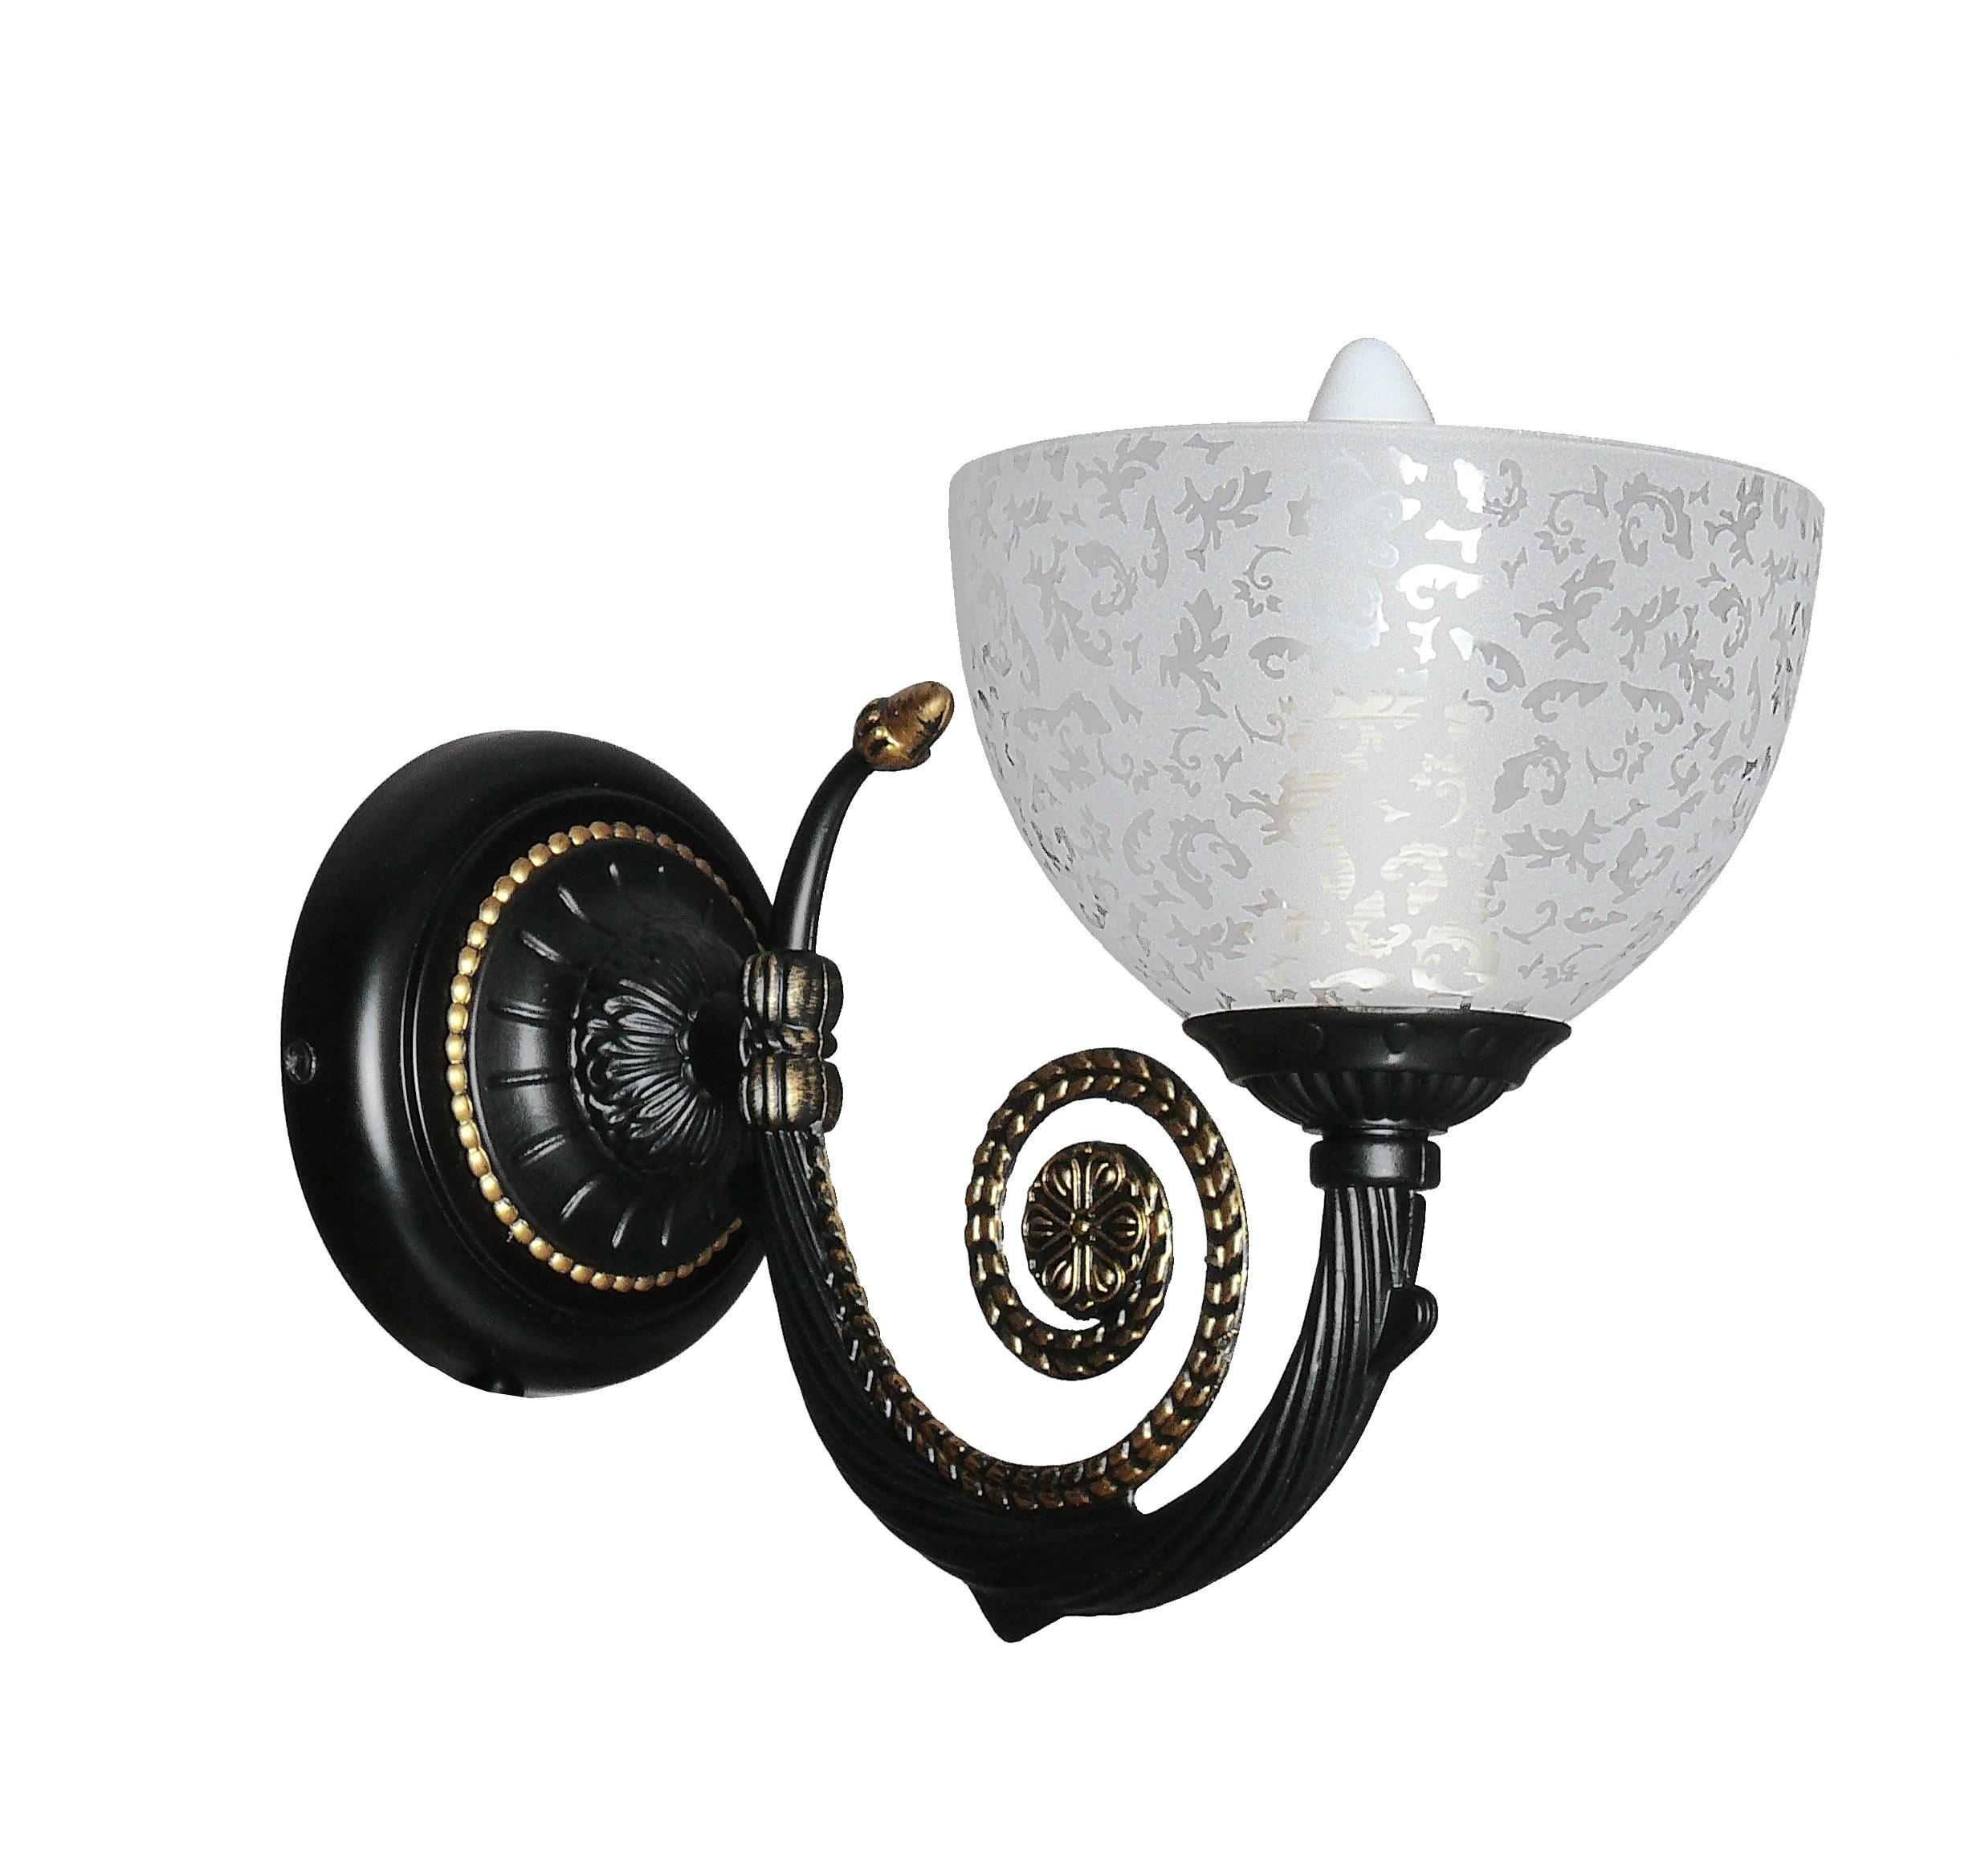 Светильник настенный АВРОРА Барокко 10058-1b светильник настенный аврора лагуна 10023 1b